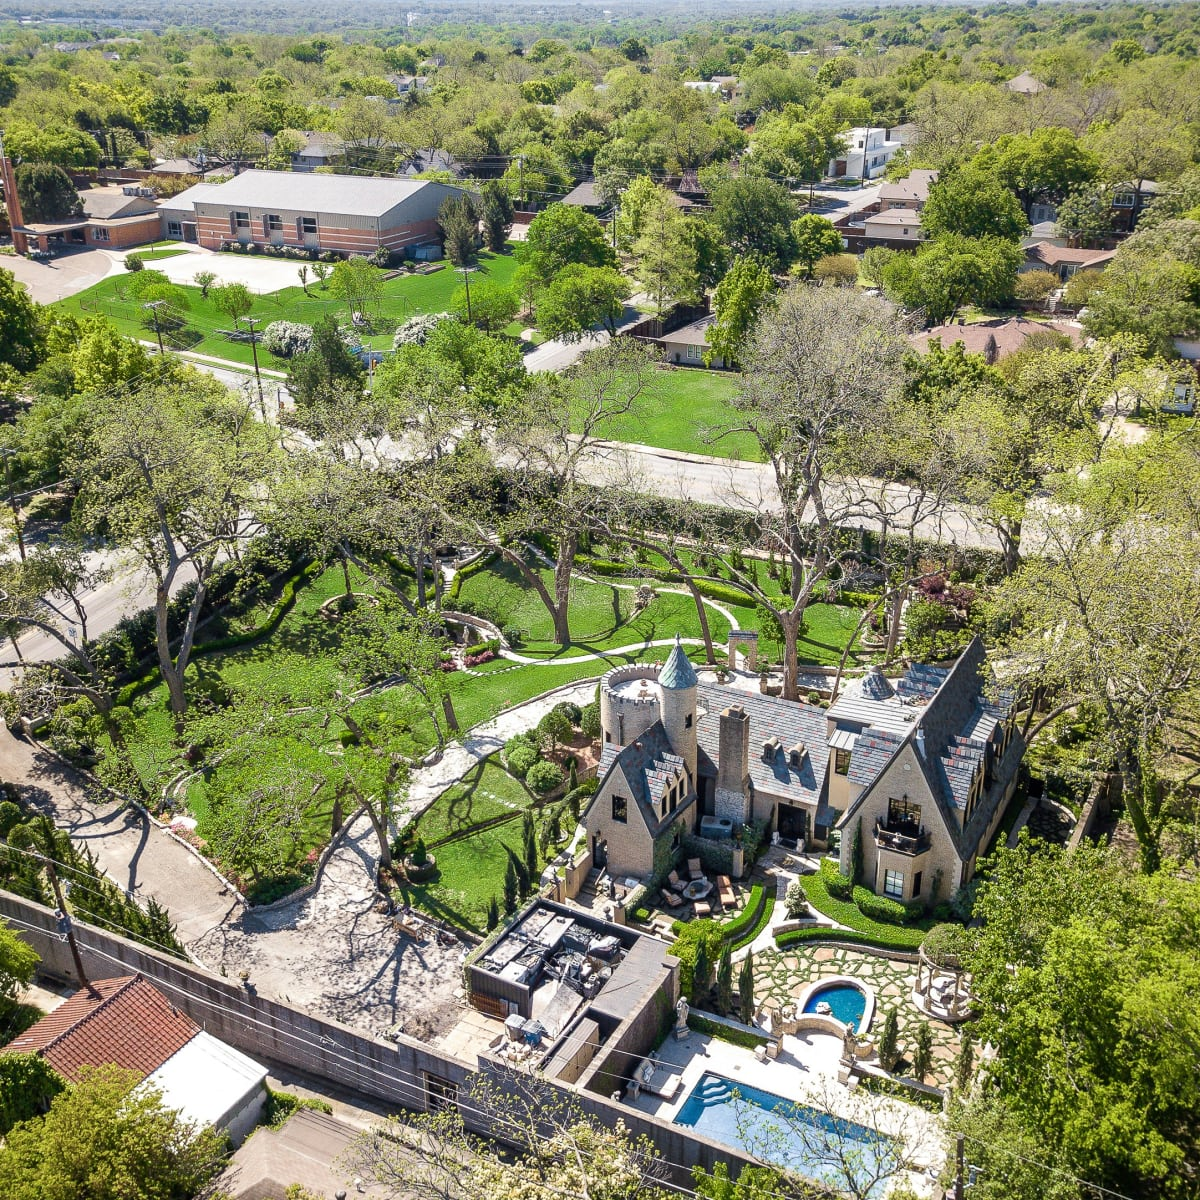 6941 Gaston Ave., R.L. Thornton home for sale, Dallas